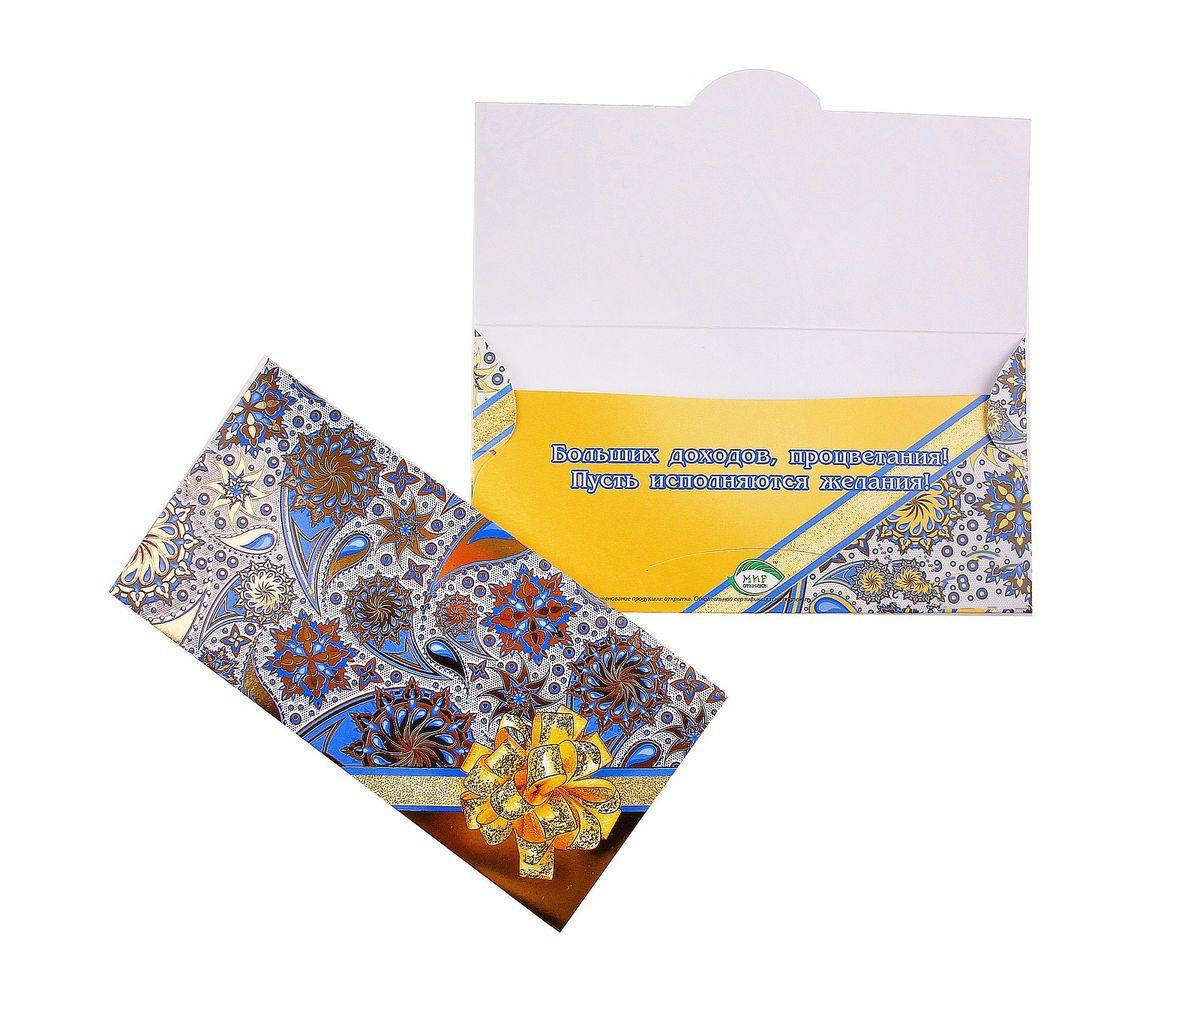 Конверт для денег Мир открыток. 707307707307Конверт Мир открыток с отделением для бумажных денег изготовлен из плотной бумаги. Такой конверт снаружи украшен ярким принтом, а внутри - коротким стихотворением. Получатель непременно обрадуется, приняв денежный подарок в таком красивом конверте!